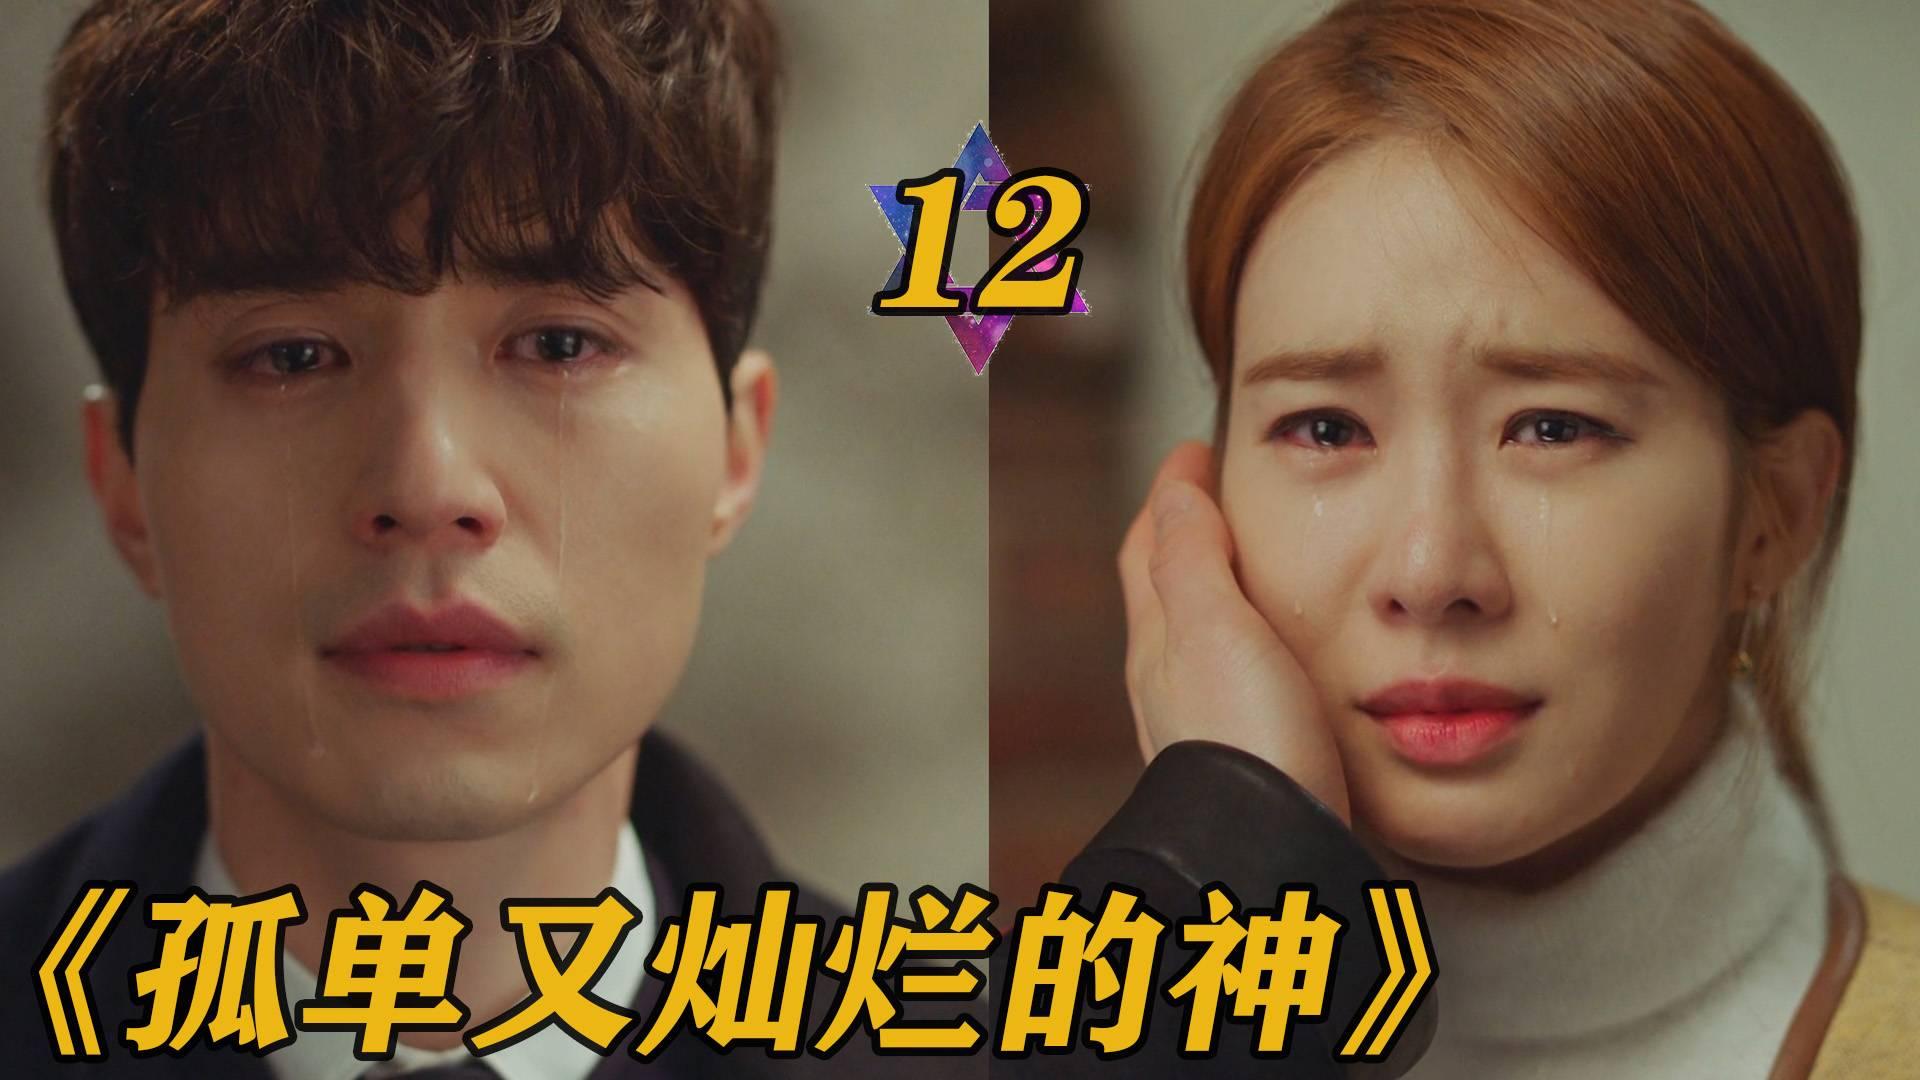 刘仁娜李栋旭狂飙演技,温情解说《孤单又灿烂的神》第12集